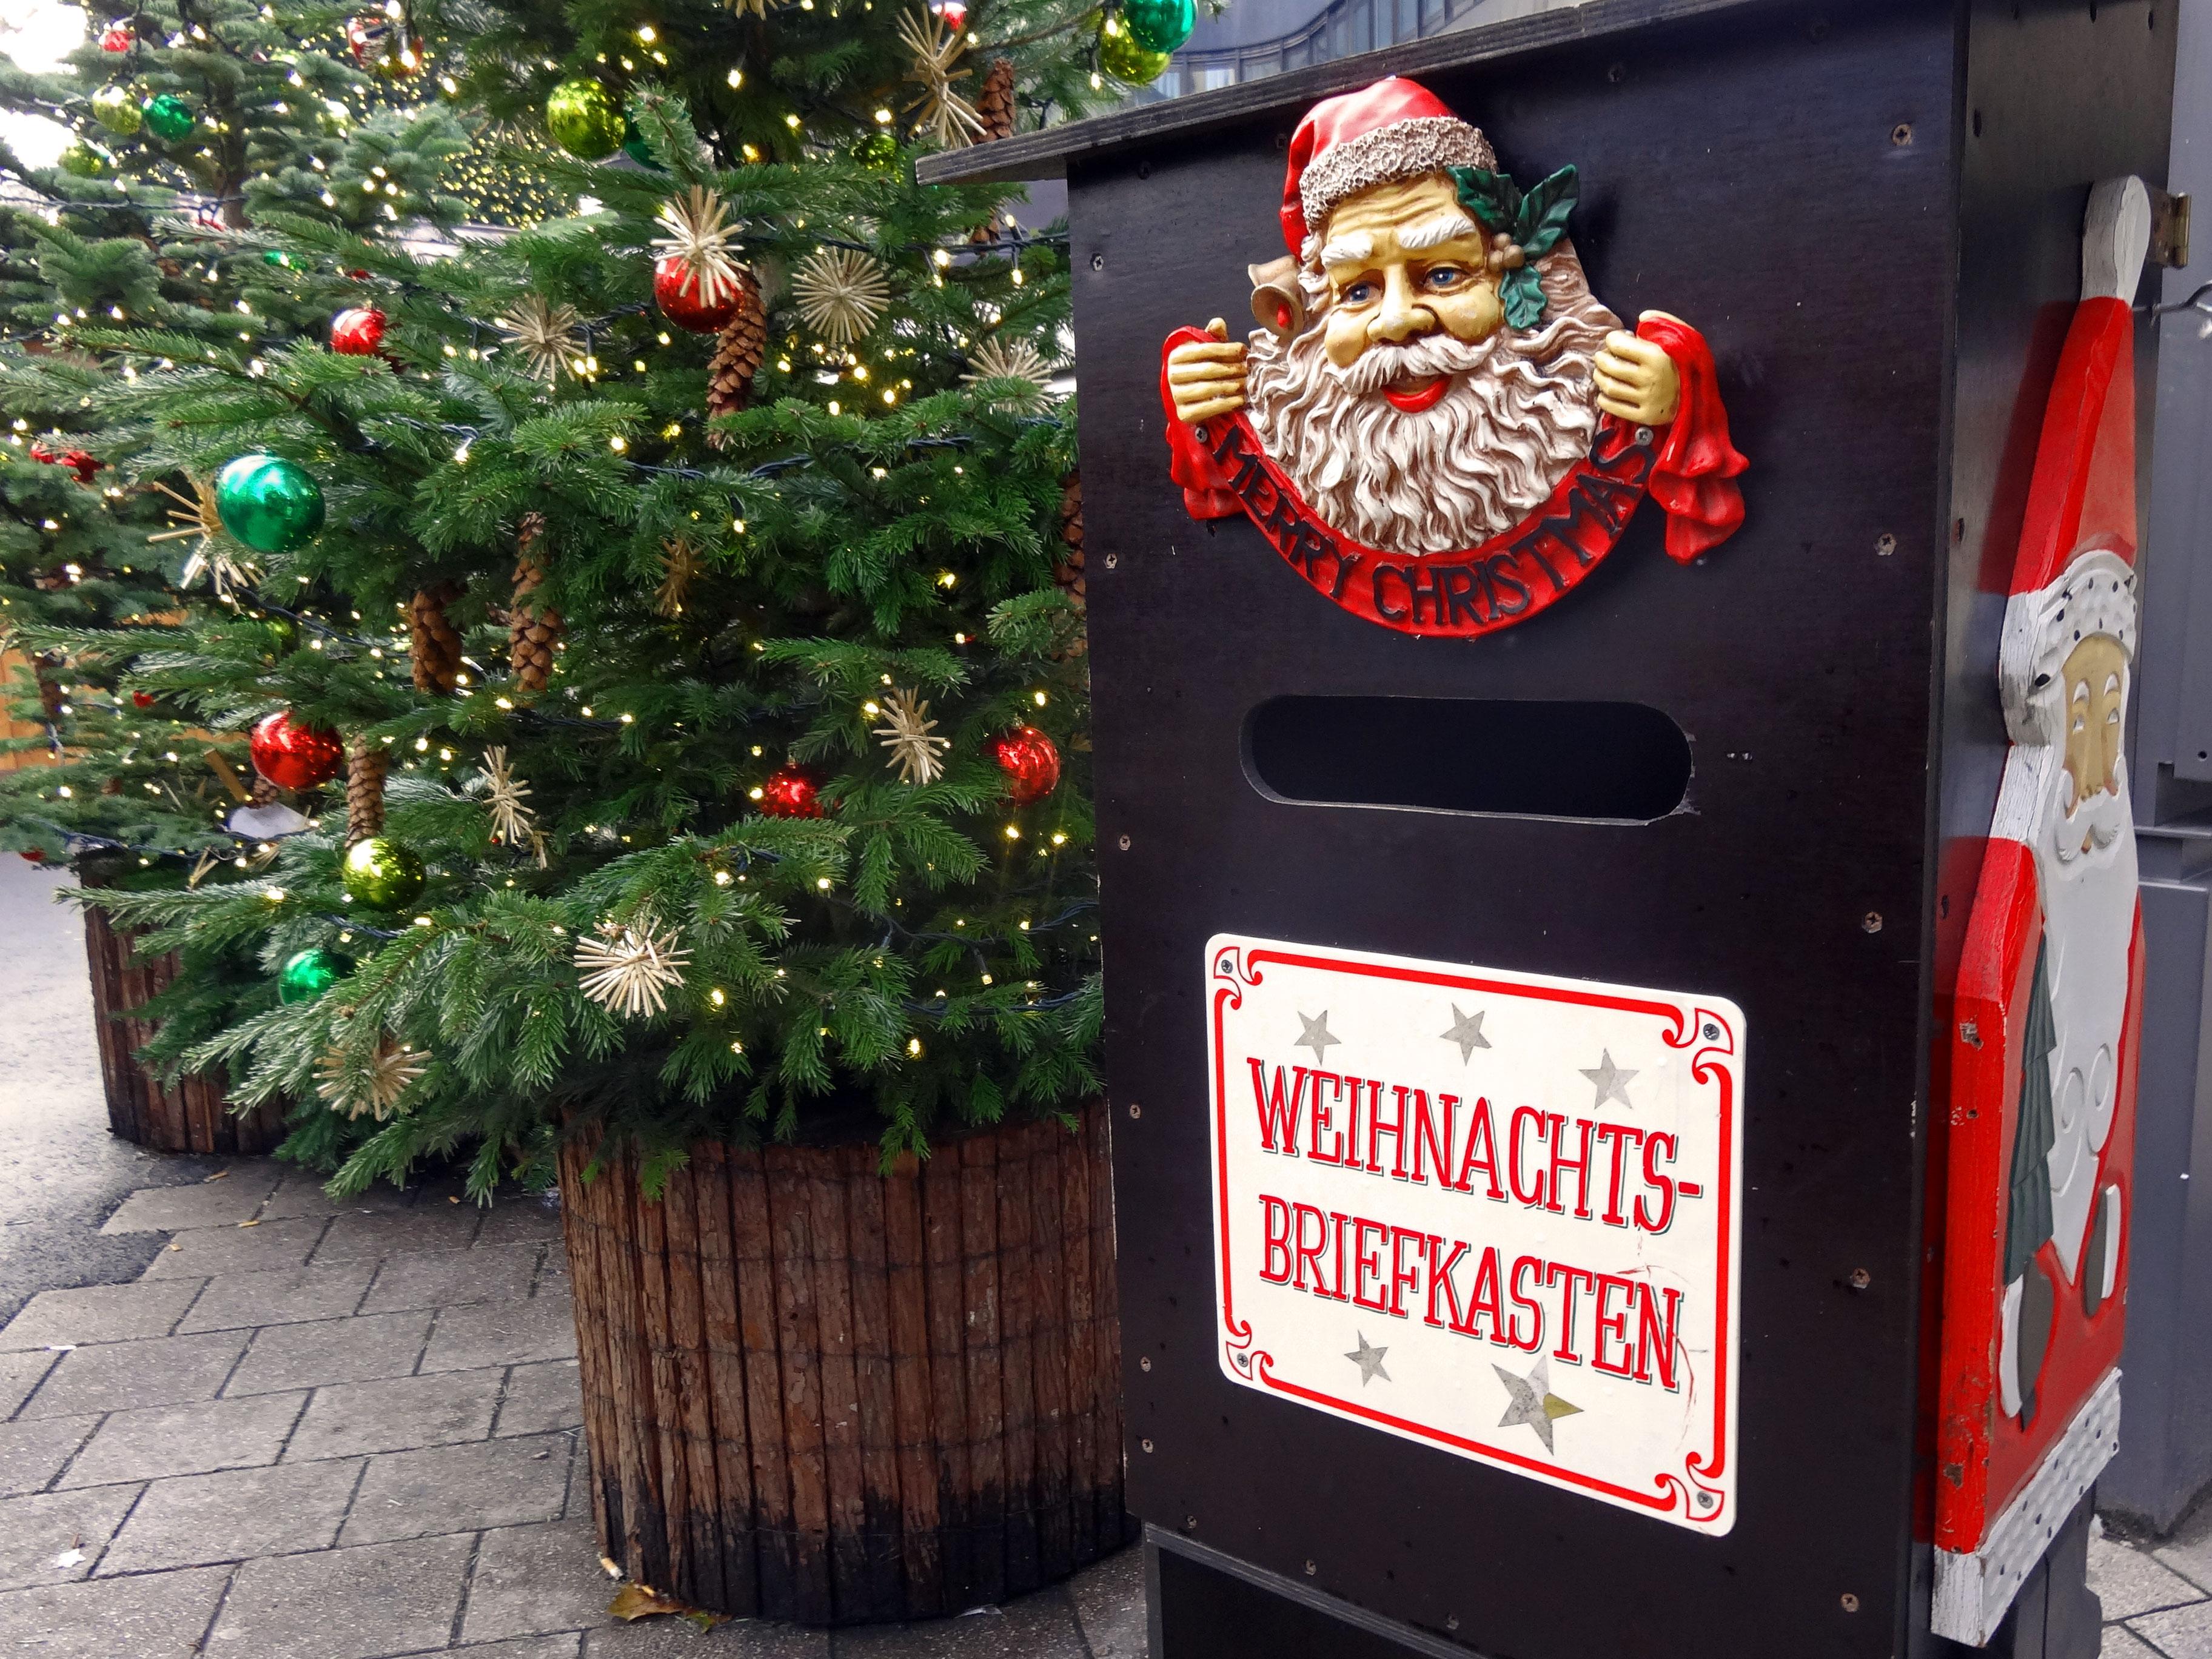 Weihnachts Briefkasten na Spitalerstrasse w Hamburgu